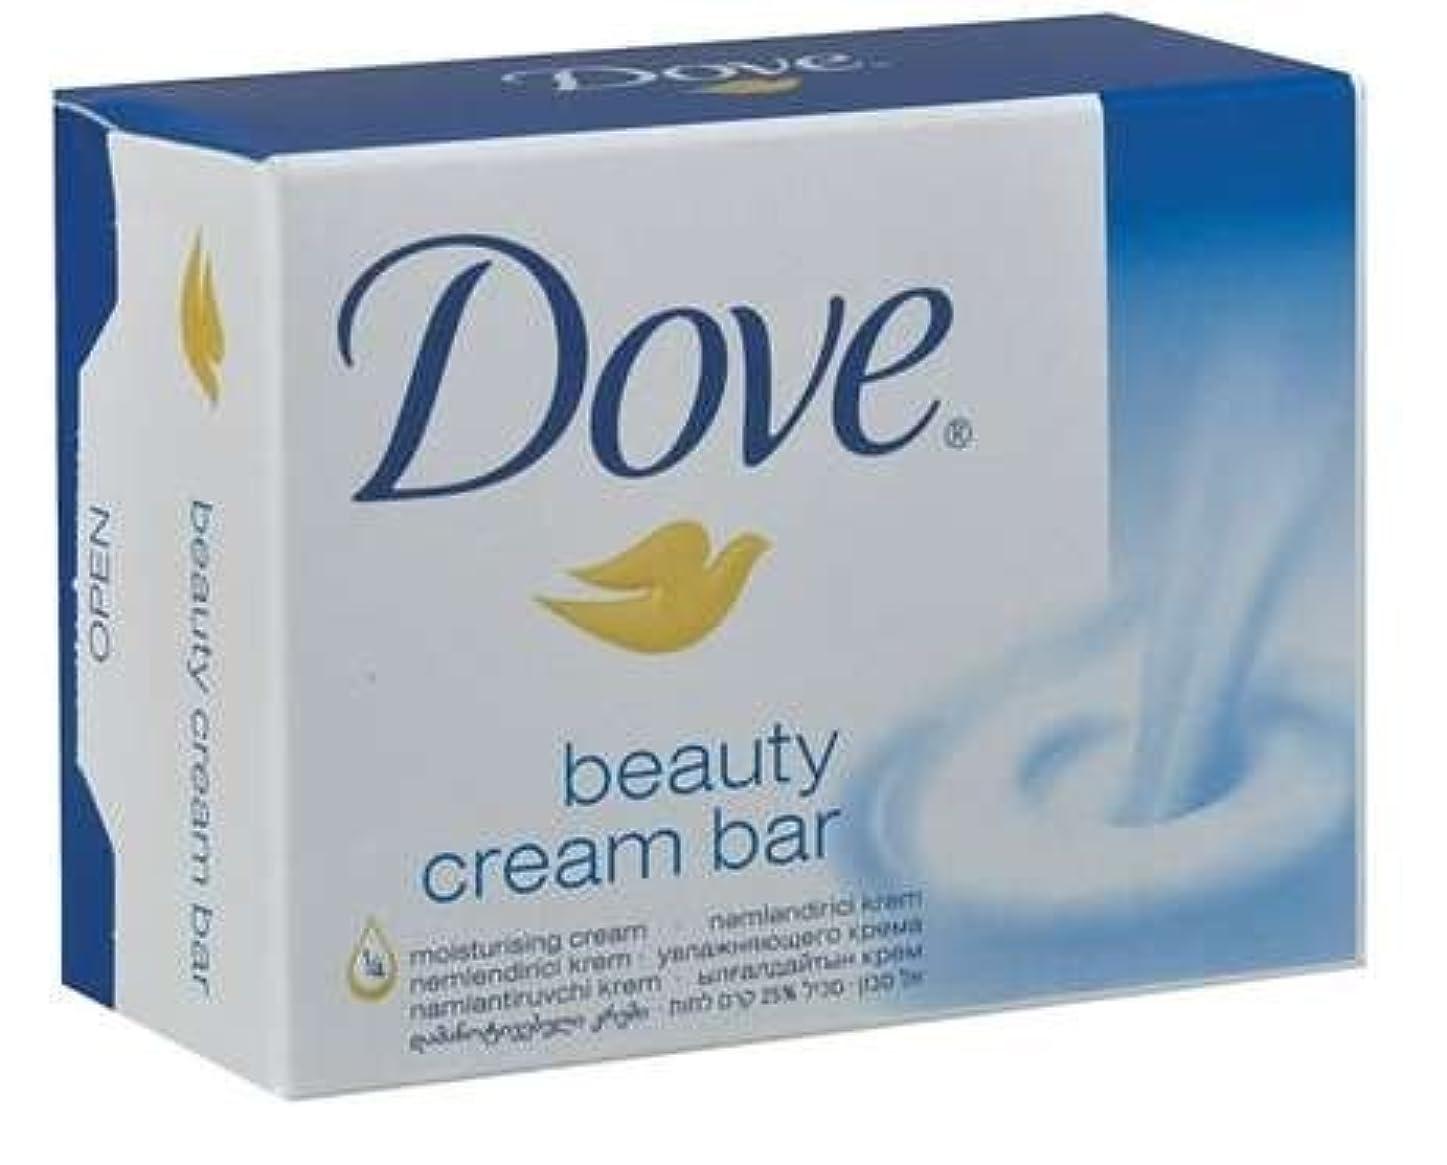 組み込む北米教えてDove Original Beauty Cream Bar White Soap 100 G / 3.5 Oz Bars (Pack of 12) by Dove [並行輸入品]